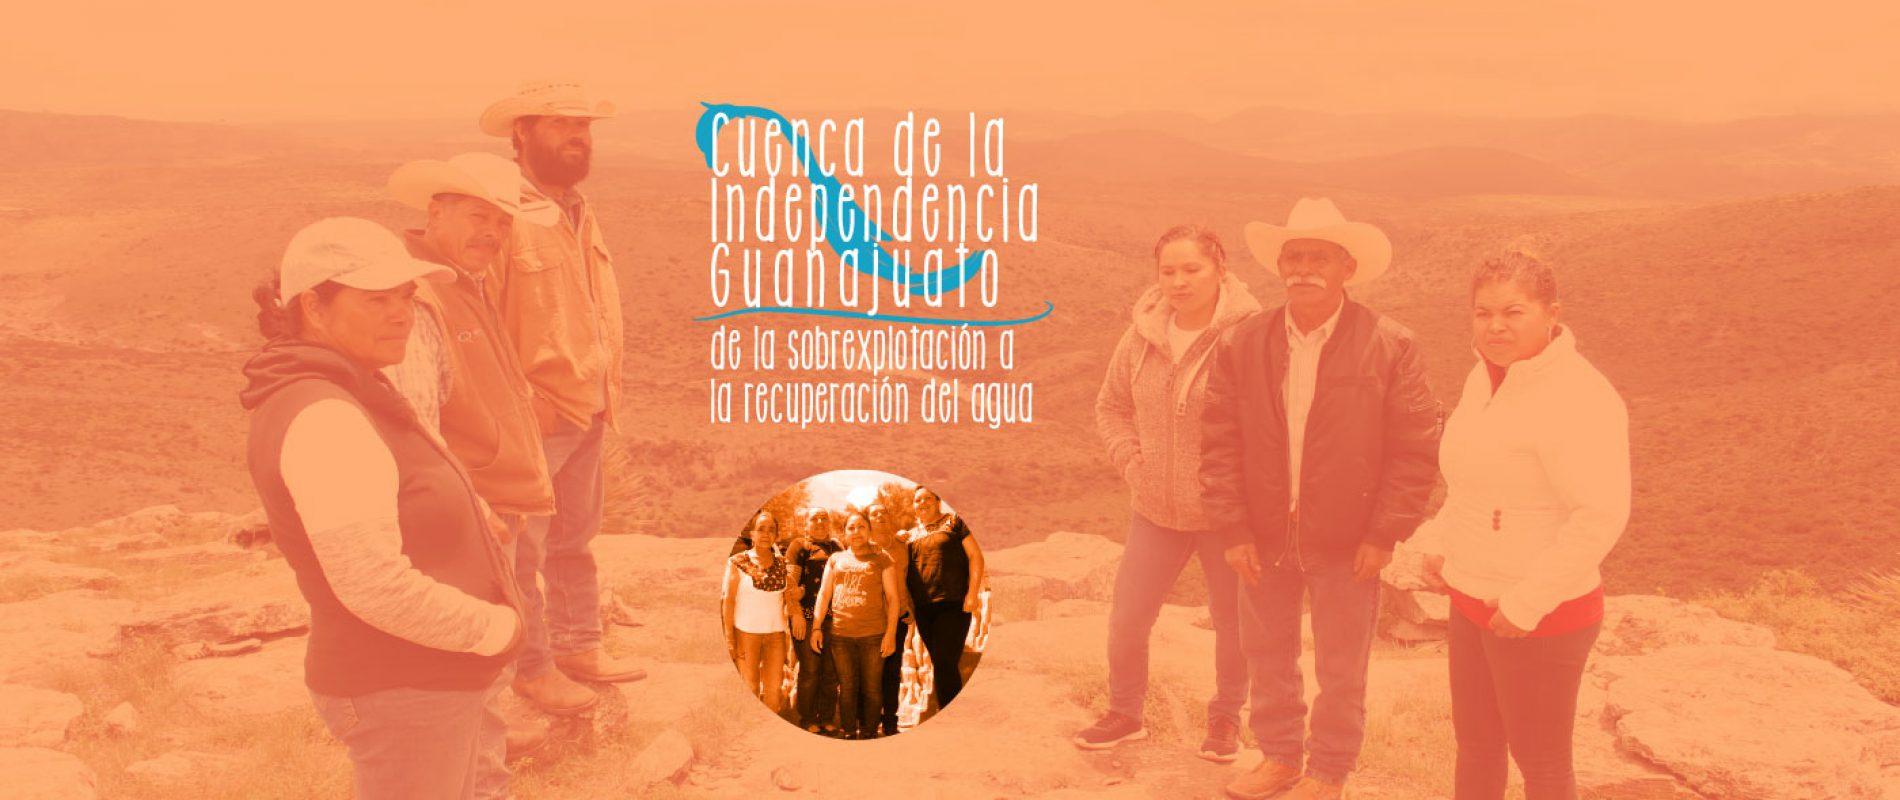 cuenca-independencia-guanajuato2